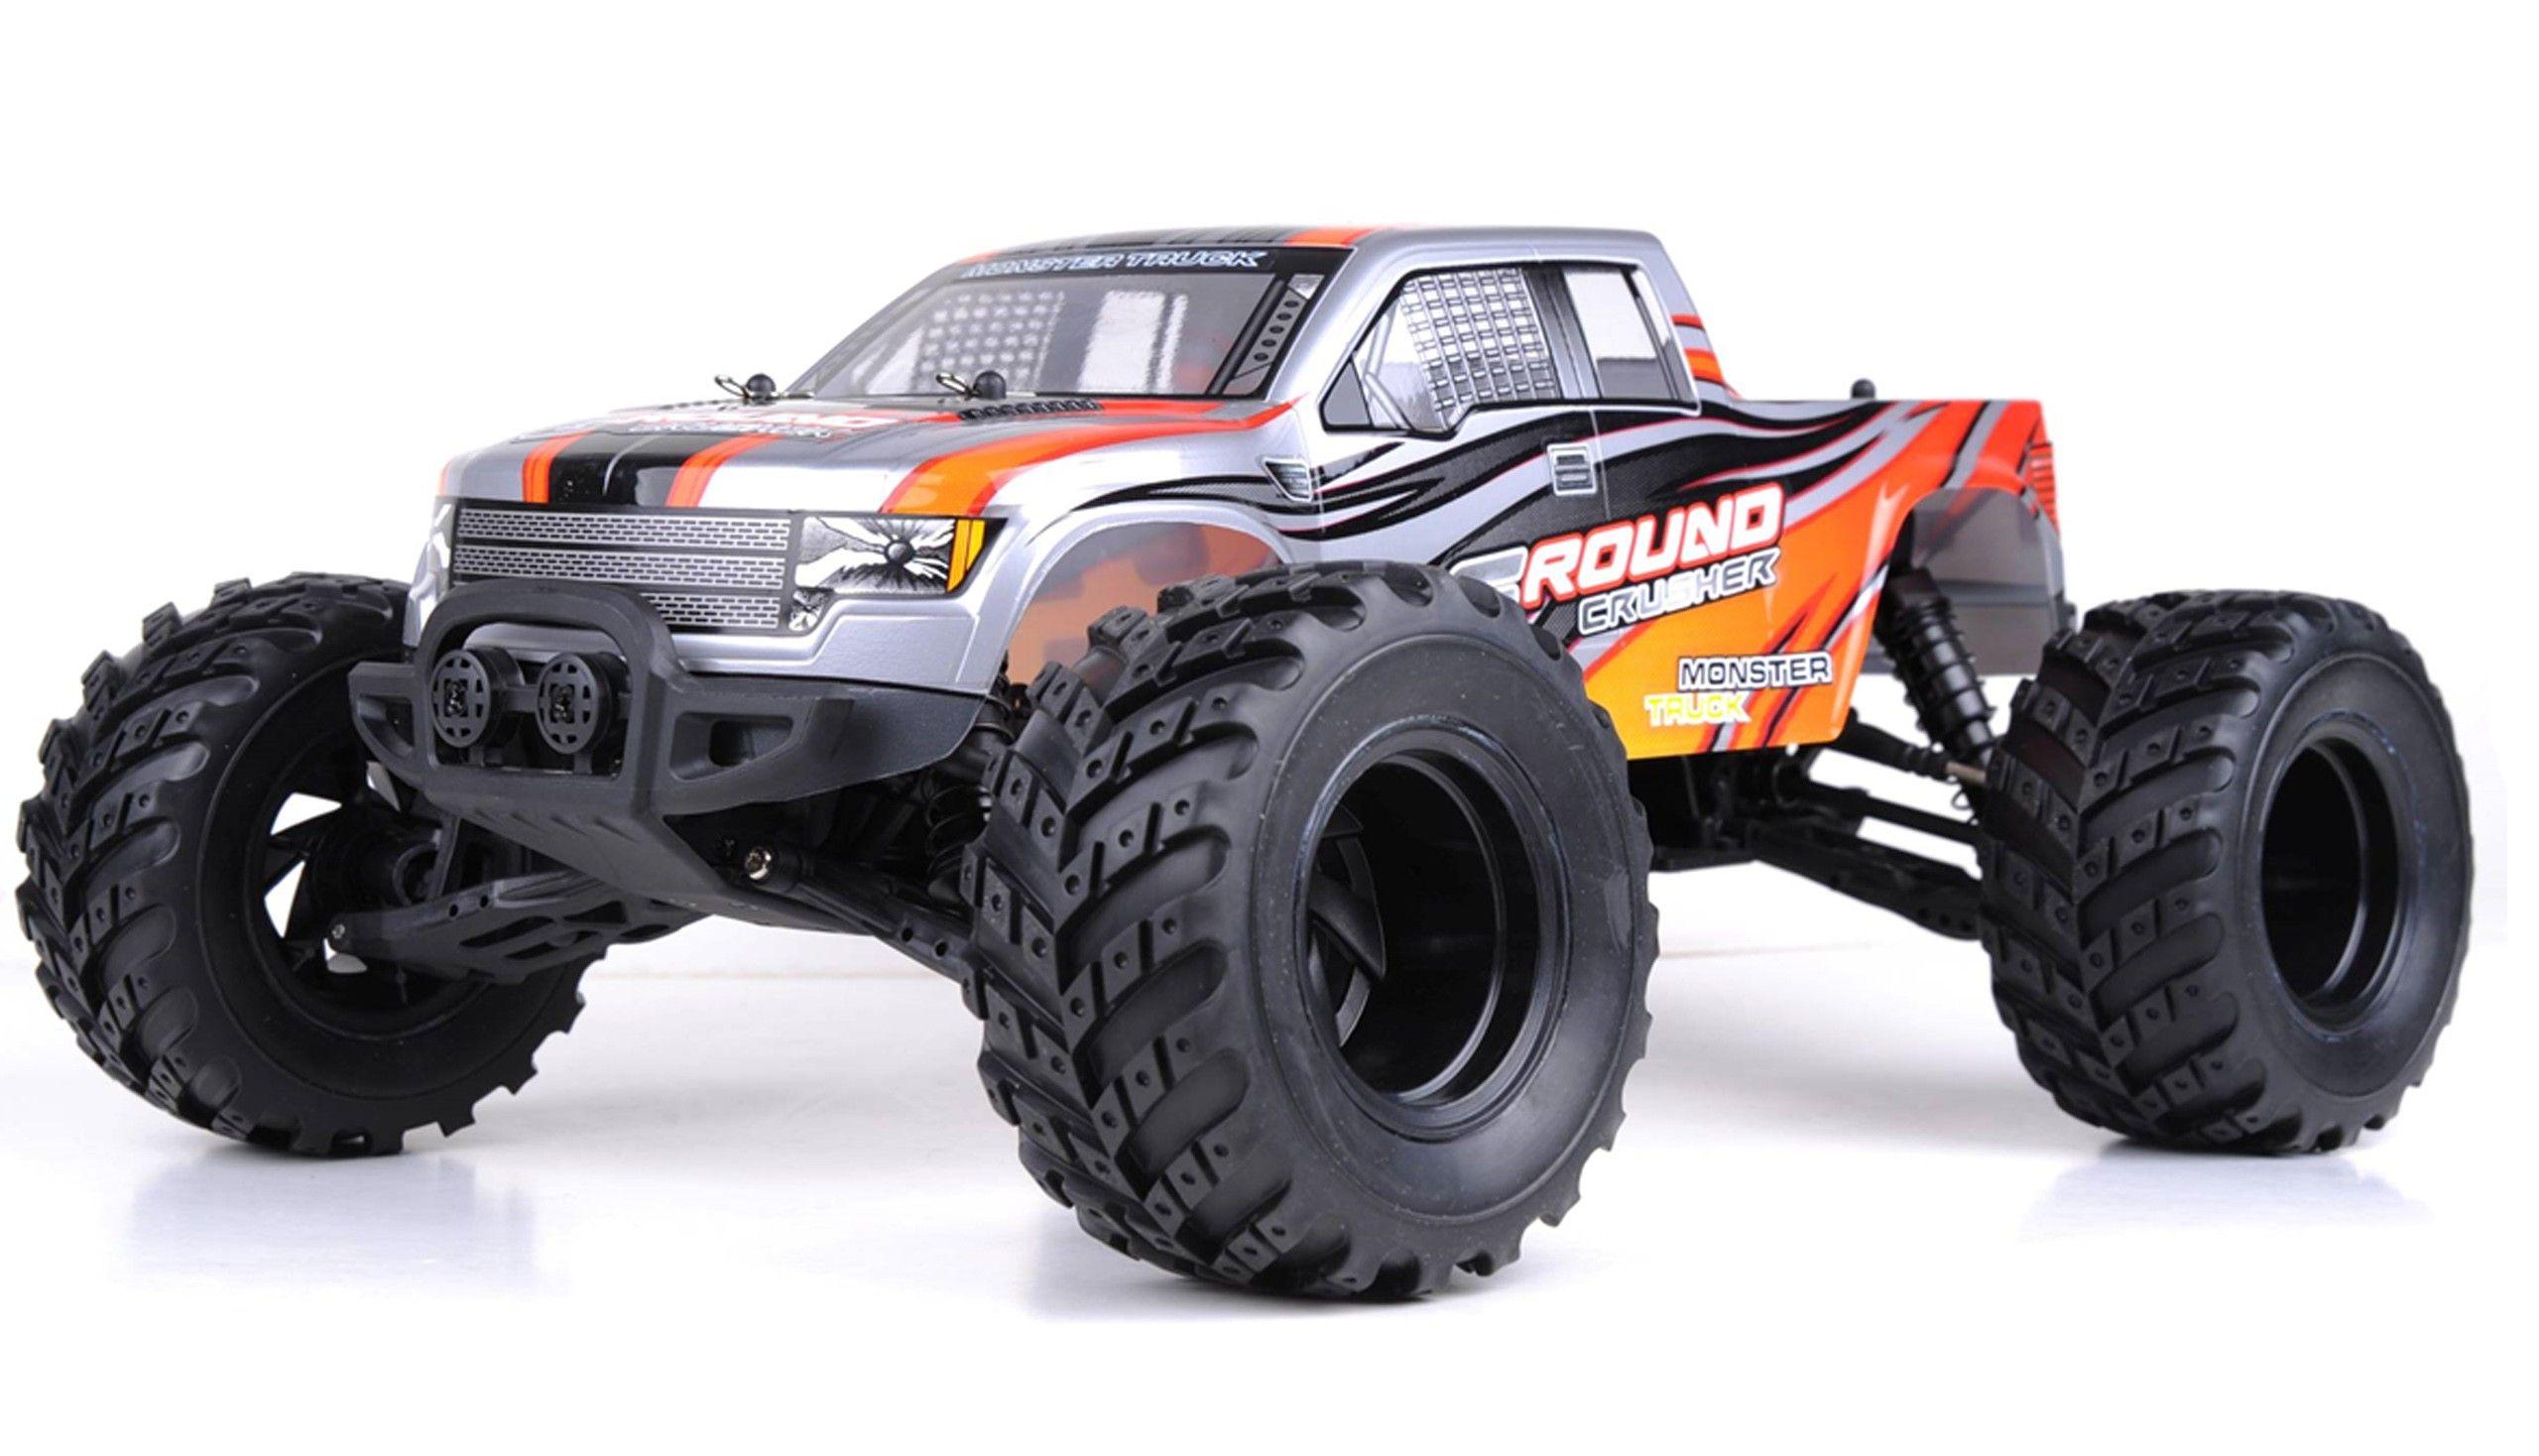 Hbx Monstertruck 1 12 M 112 2 4 Ghz Rtr 2wd Monster Trucks Fahrzeuge Fahrwerk